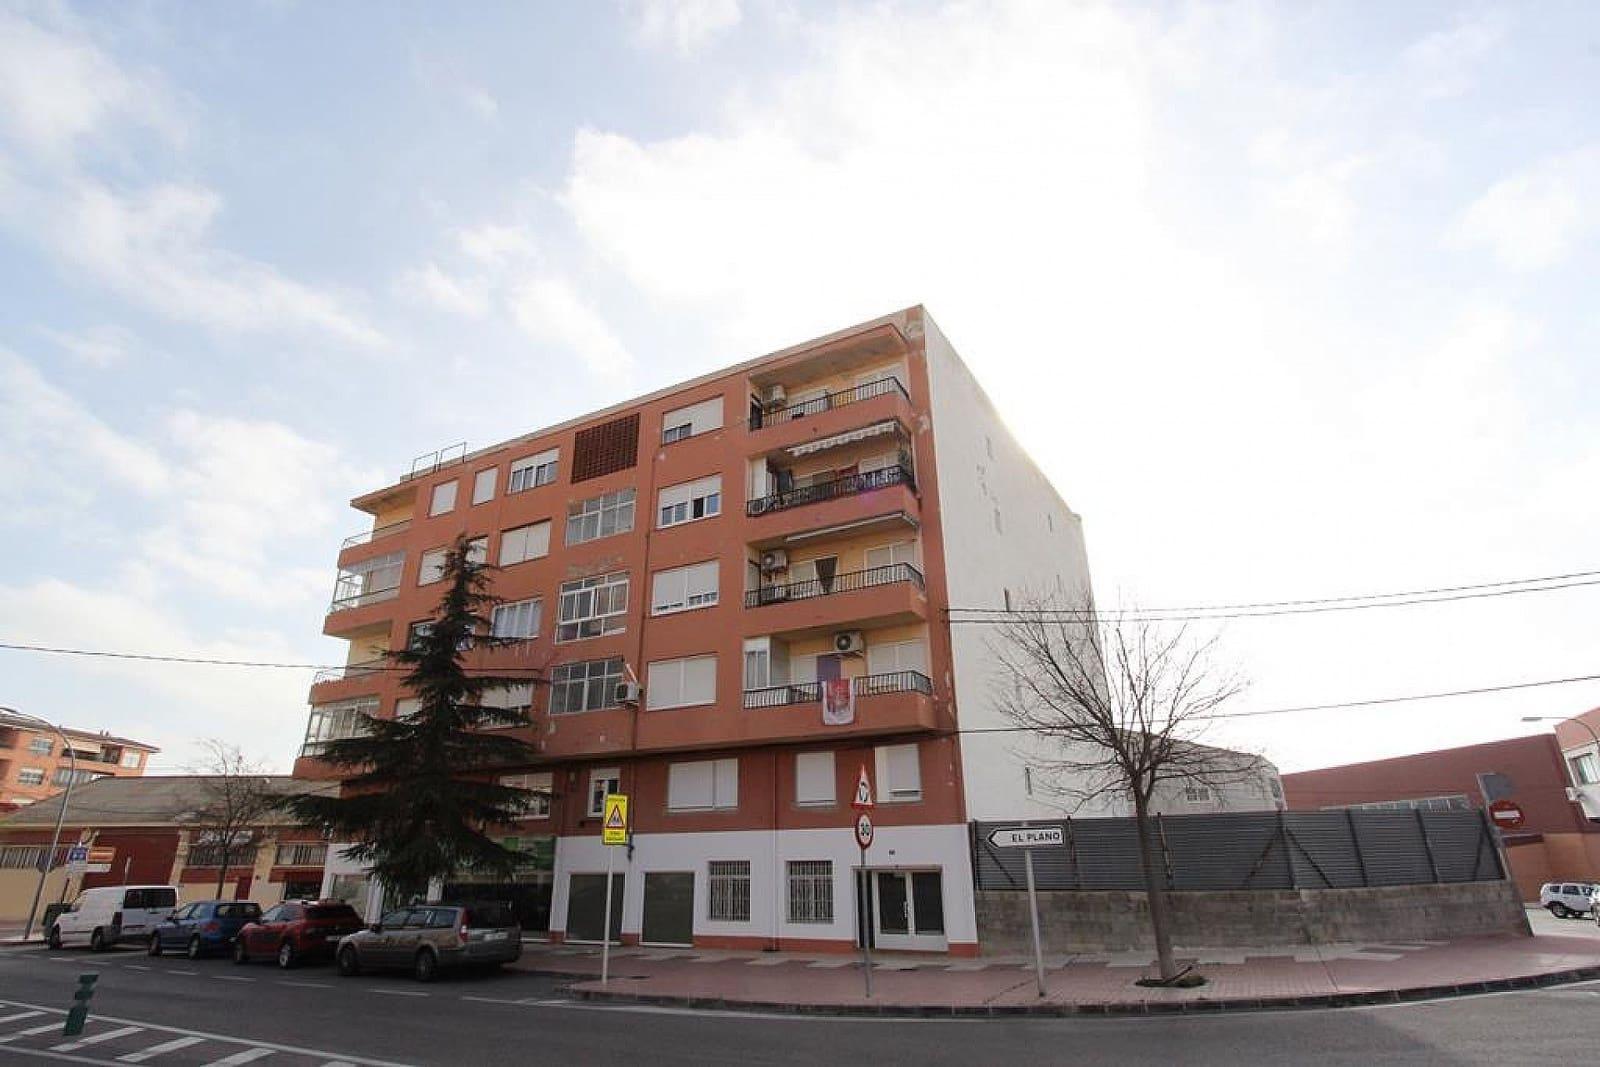 Apartamento de 4 habitaciones en Sax en venta - 34.995 € (Ref: 5929257)